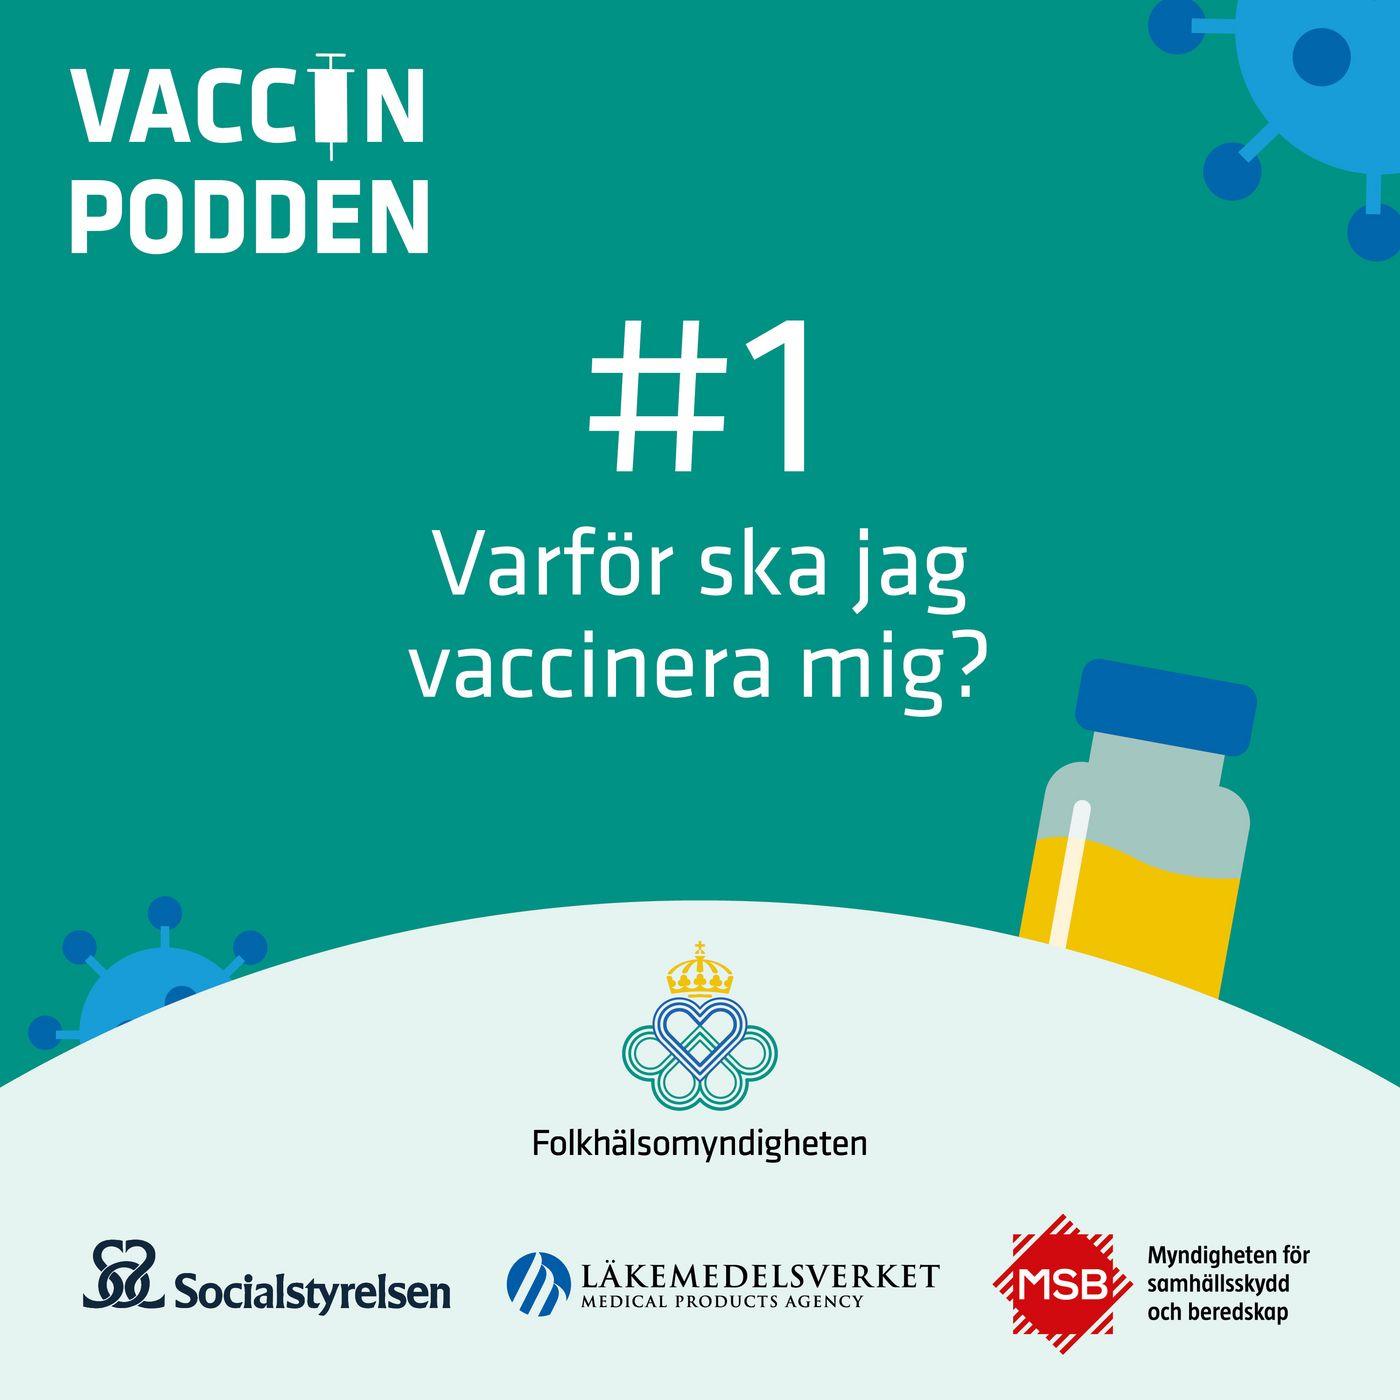 Varför ska jag vaccinera mig?